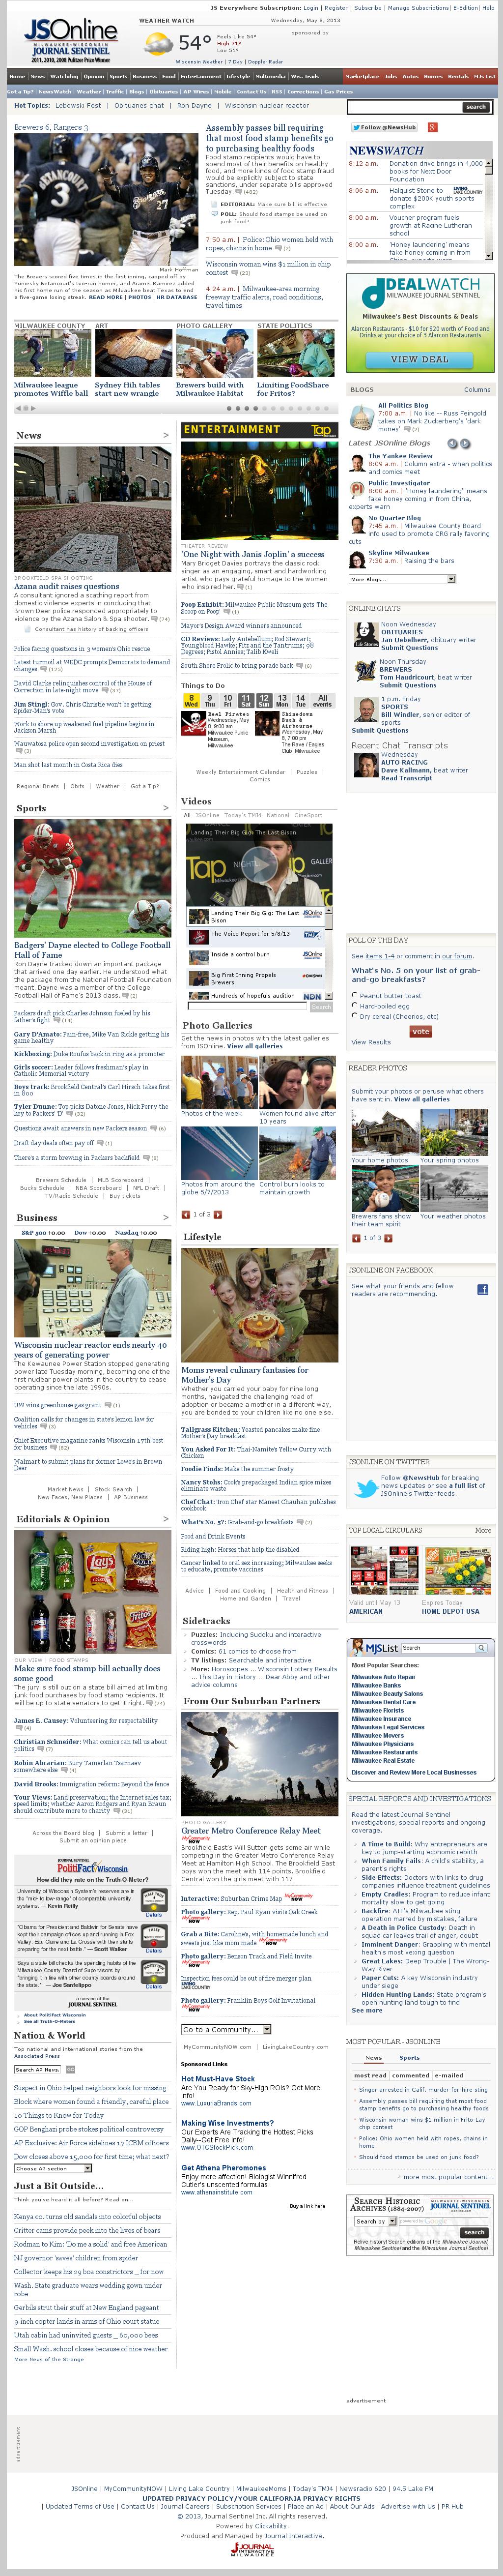 Milwaukee Journal Sentinel at Wednesday May 8, 2013, 1:16 p.m. UTC